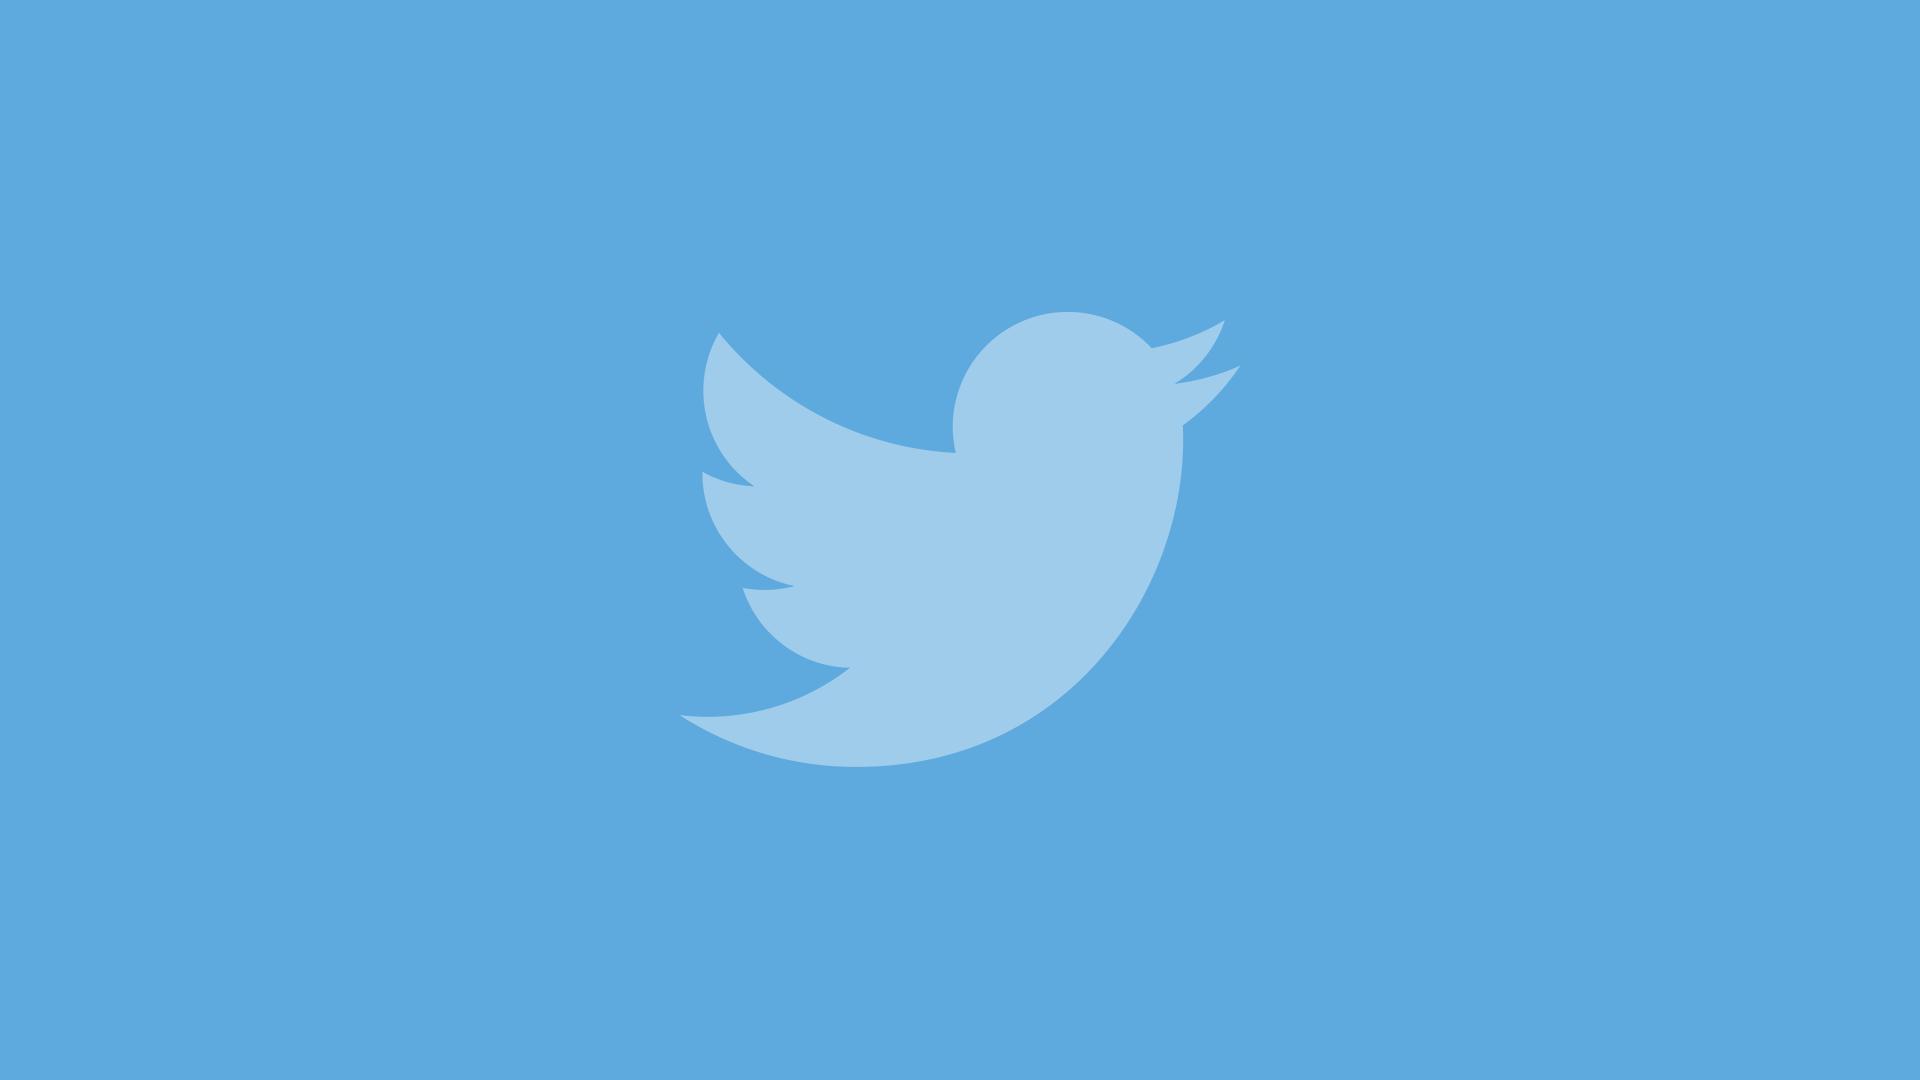 R.I.P., Twitter for Mac: rakendust pole enam allalaadimiseks saadaval ja see lakkab töötamast 30 päeva jooksul